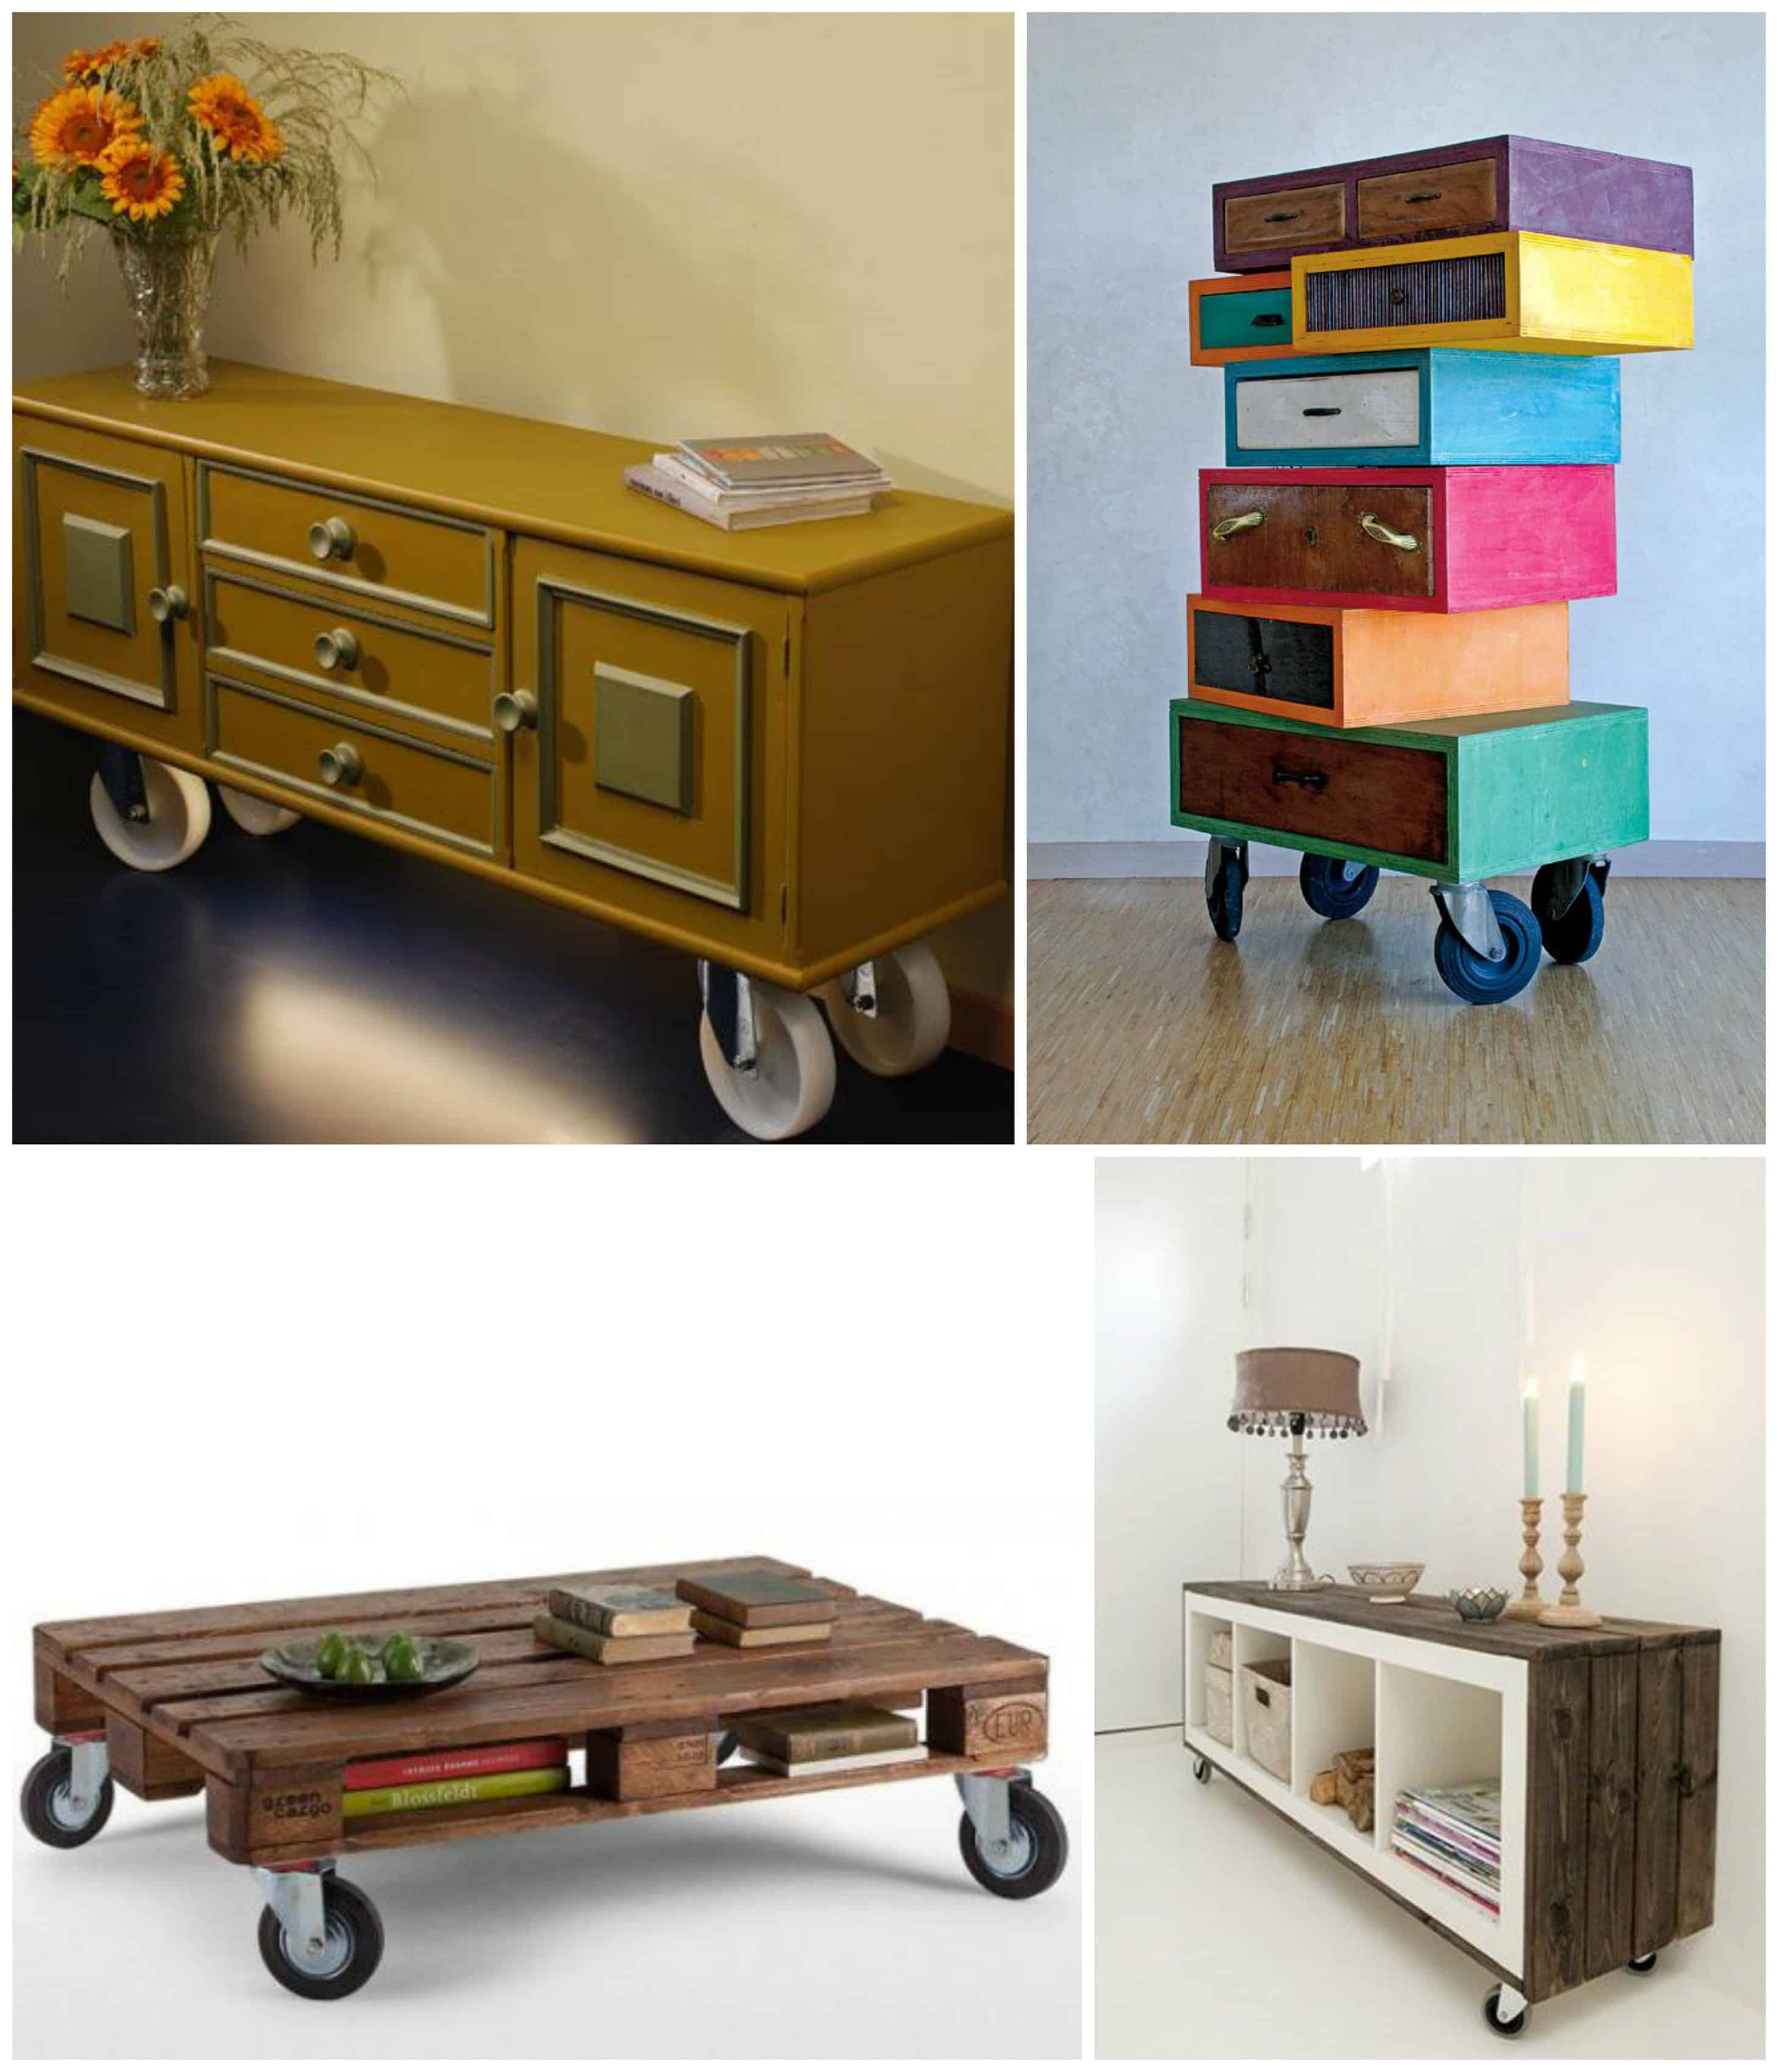 Ruote per mobili di Pallet : 5 tipologie di Ruote d'arredo ...